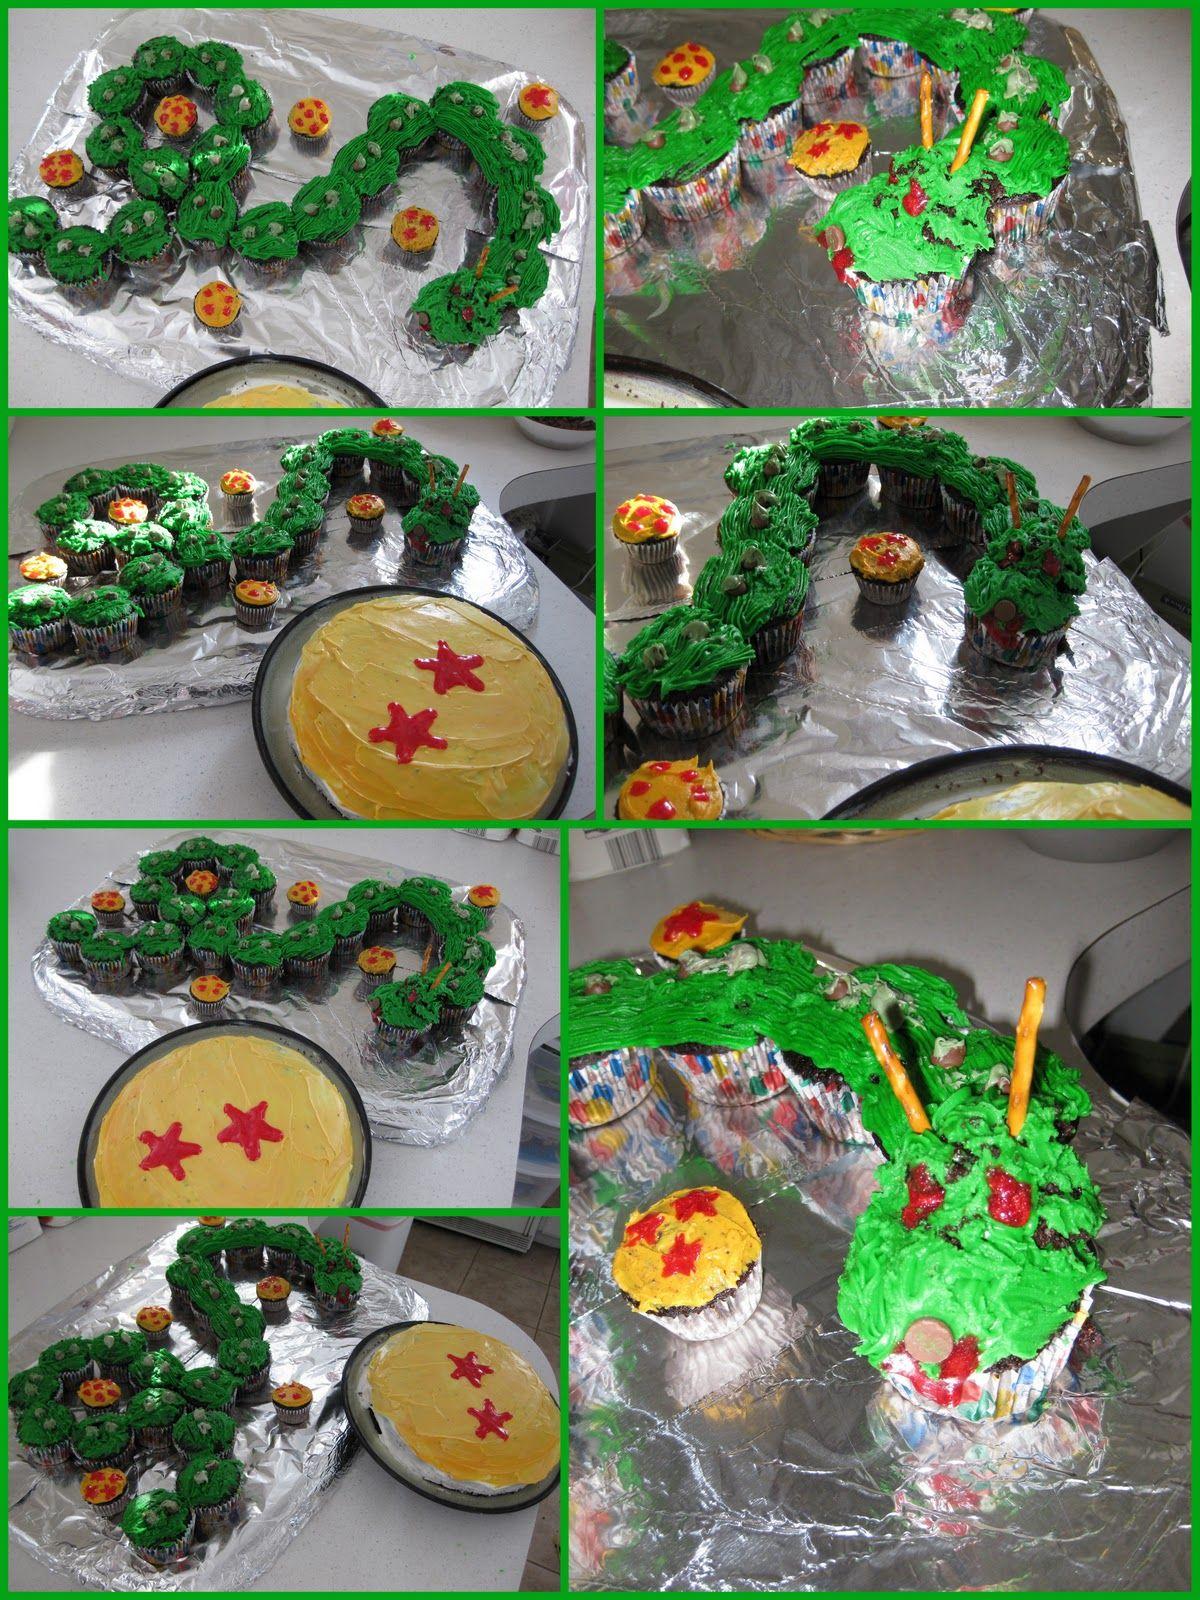 Dragonball Z Birthday Cake Video Game Birthday Party Pinterest